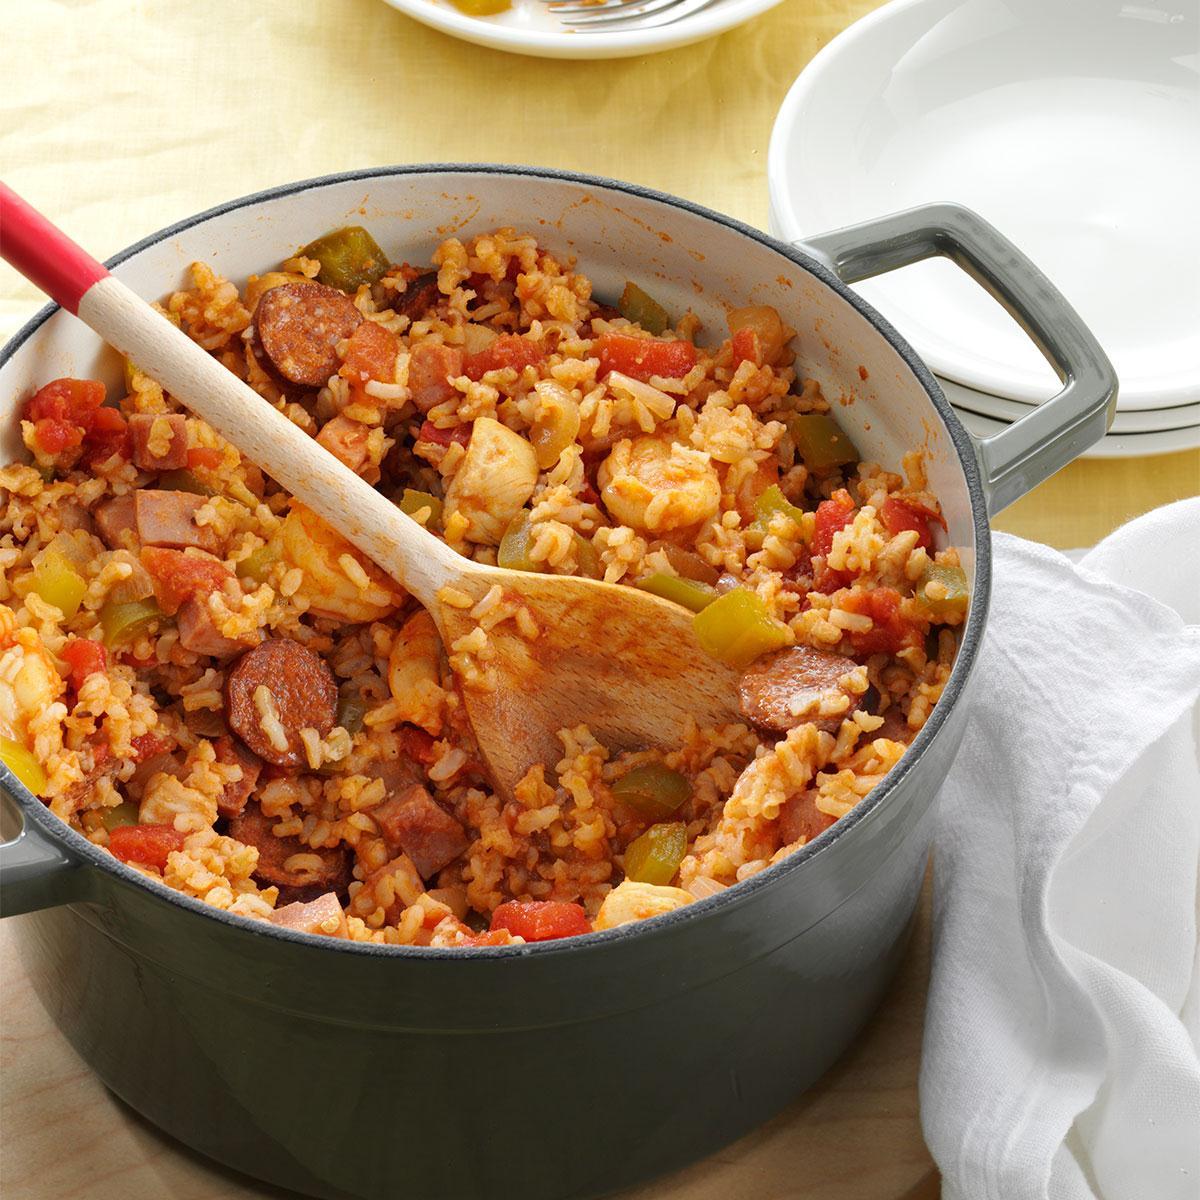 Discussion on this topic: Jambalya Recipe, jambalya-recipe/